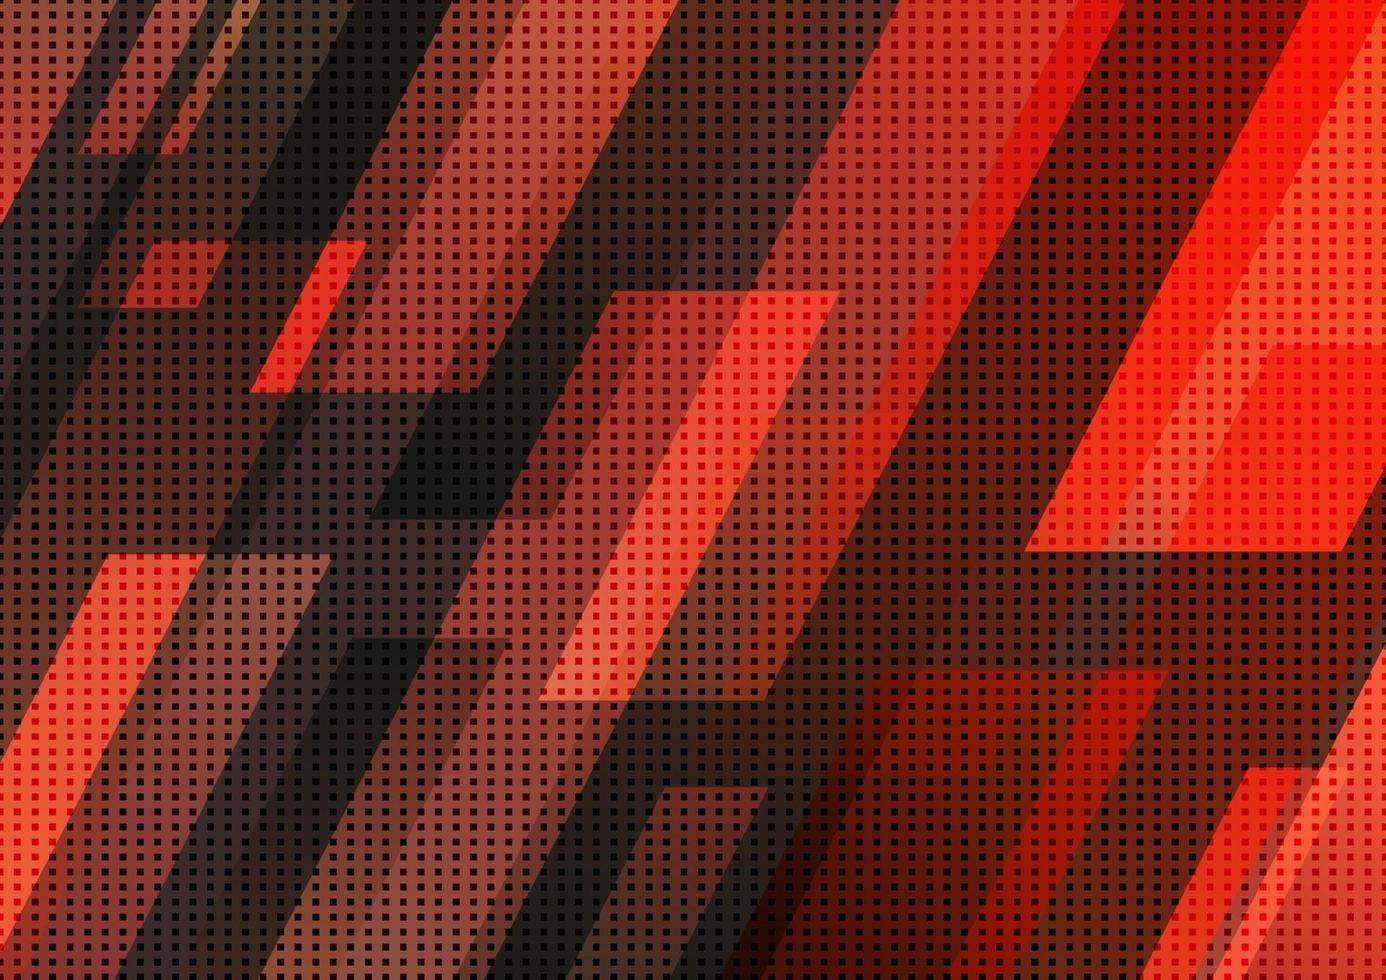 concept de technologie abstraite, motif de rayures diagonales géométriques rouges et noires. fond de conception moderne. vecteur